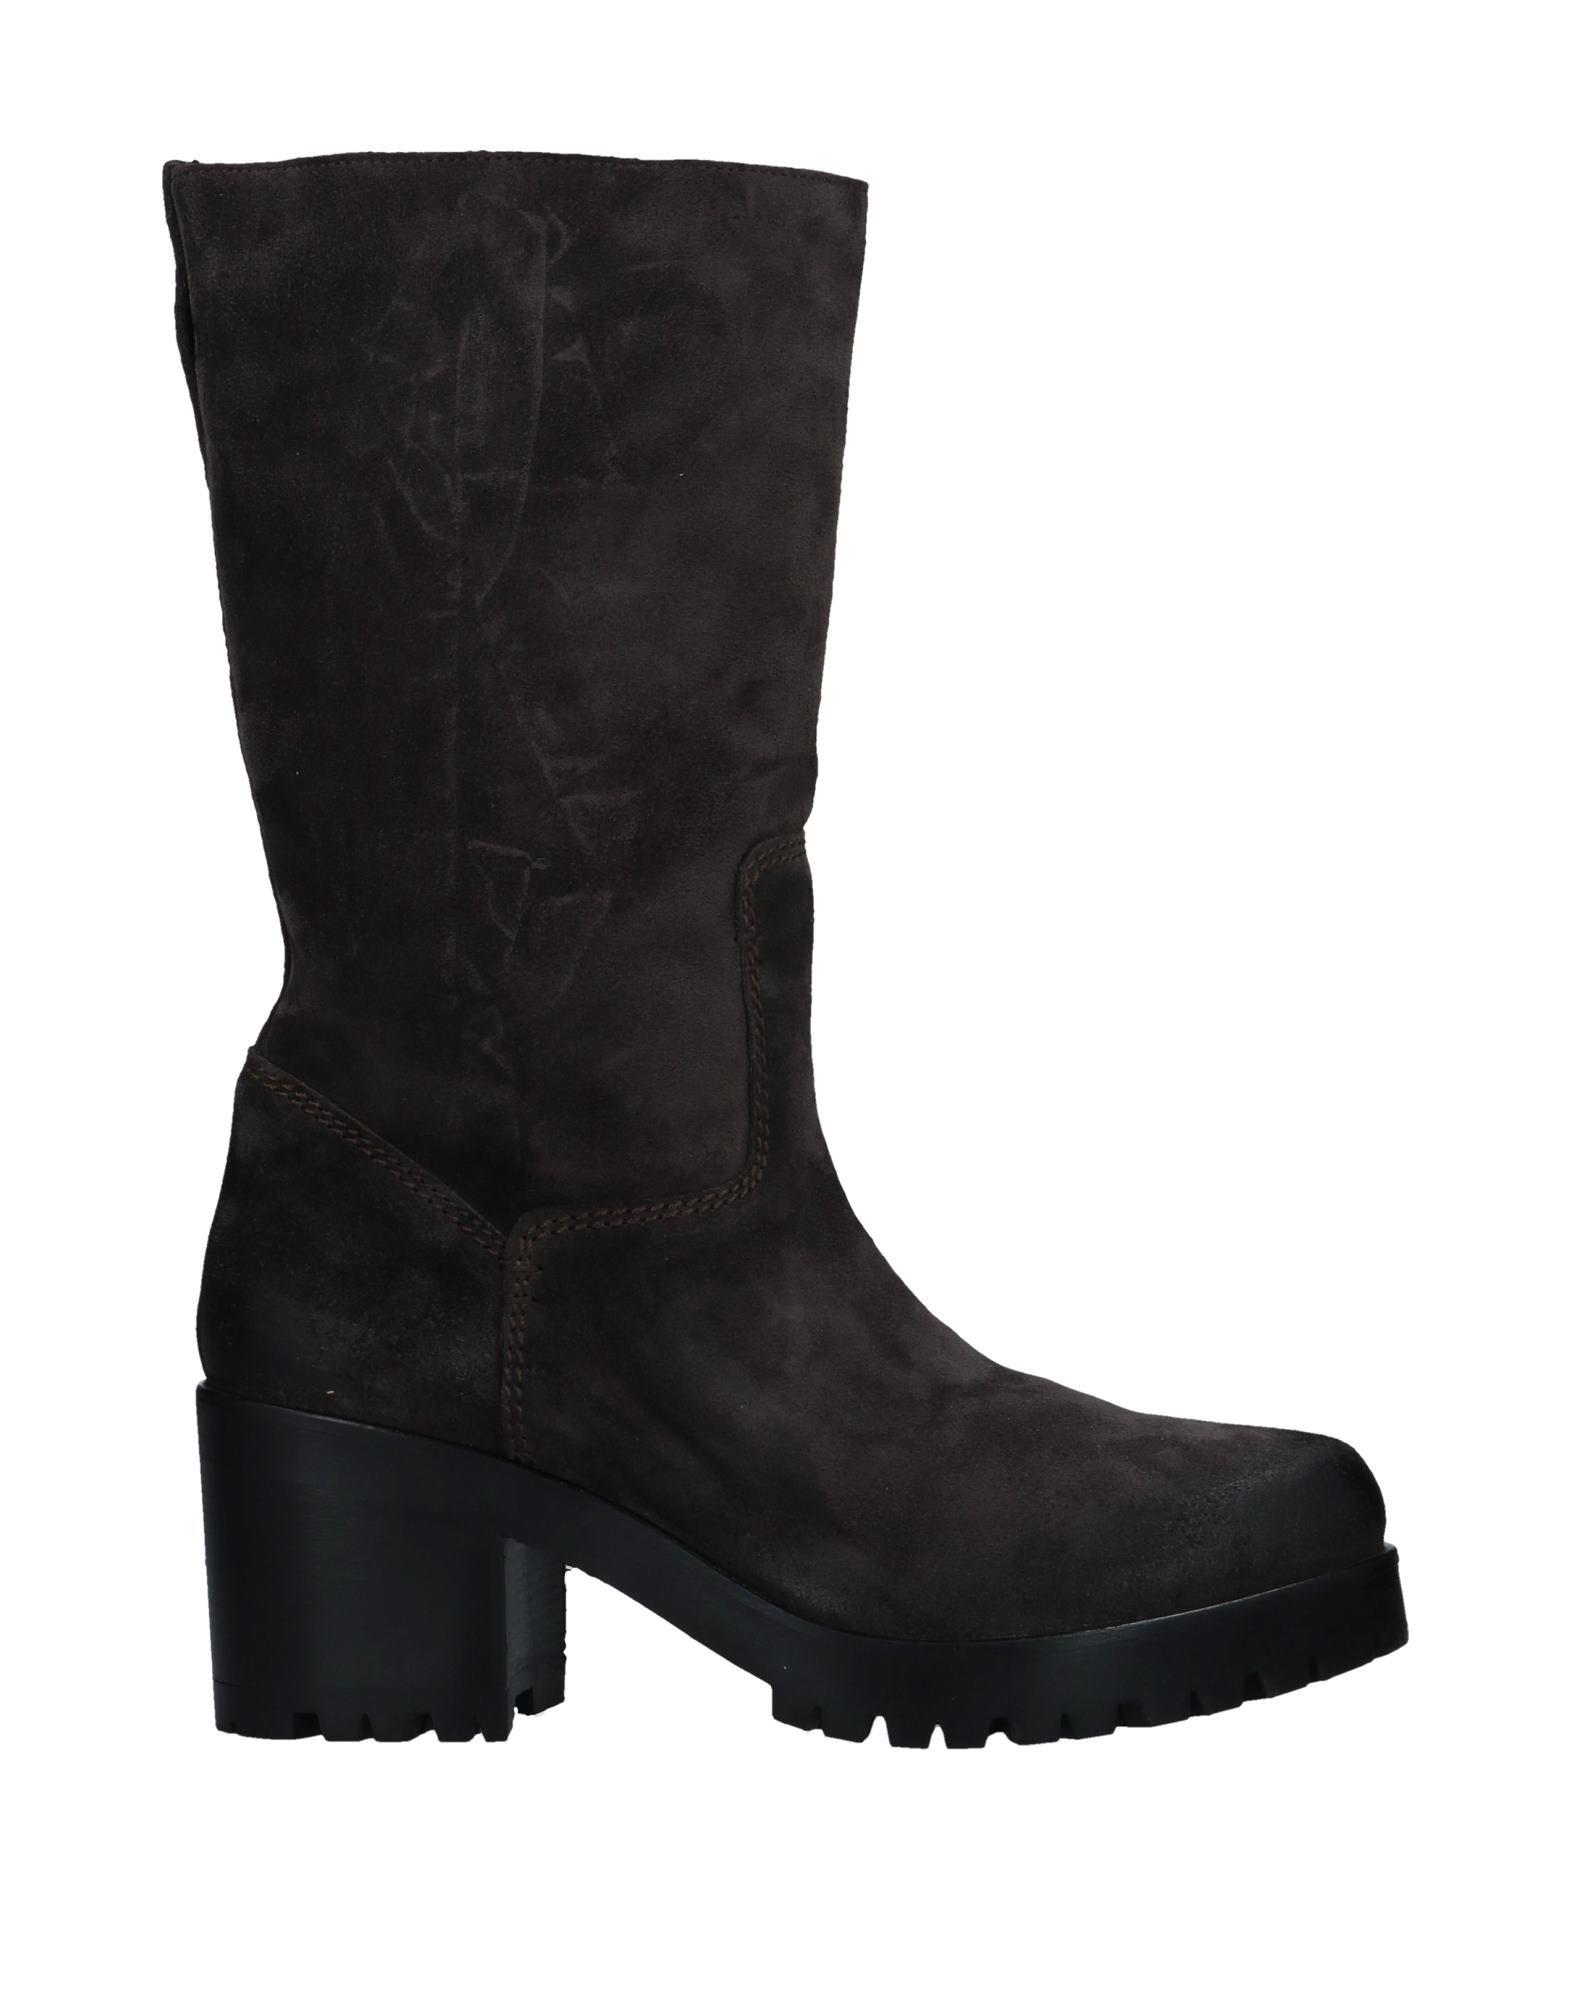 Chloé Stiefelette Damen  11532328HVGünstige gut aussehende Schuhe